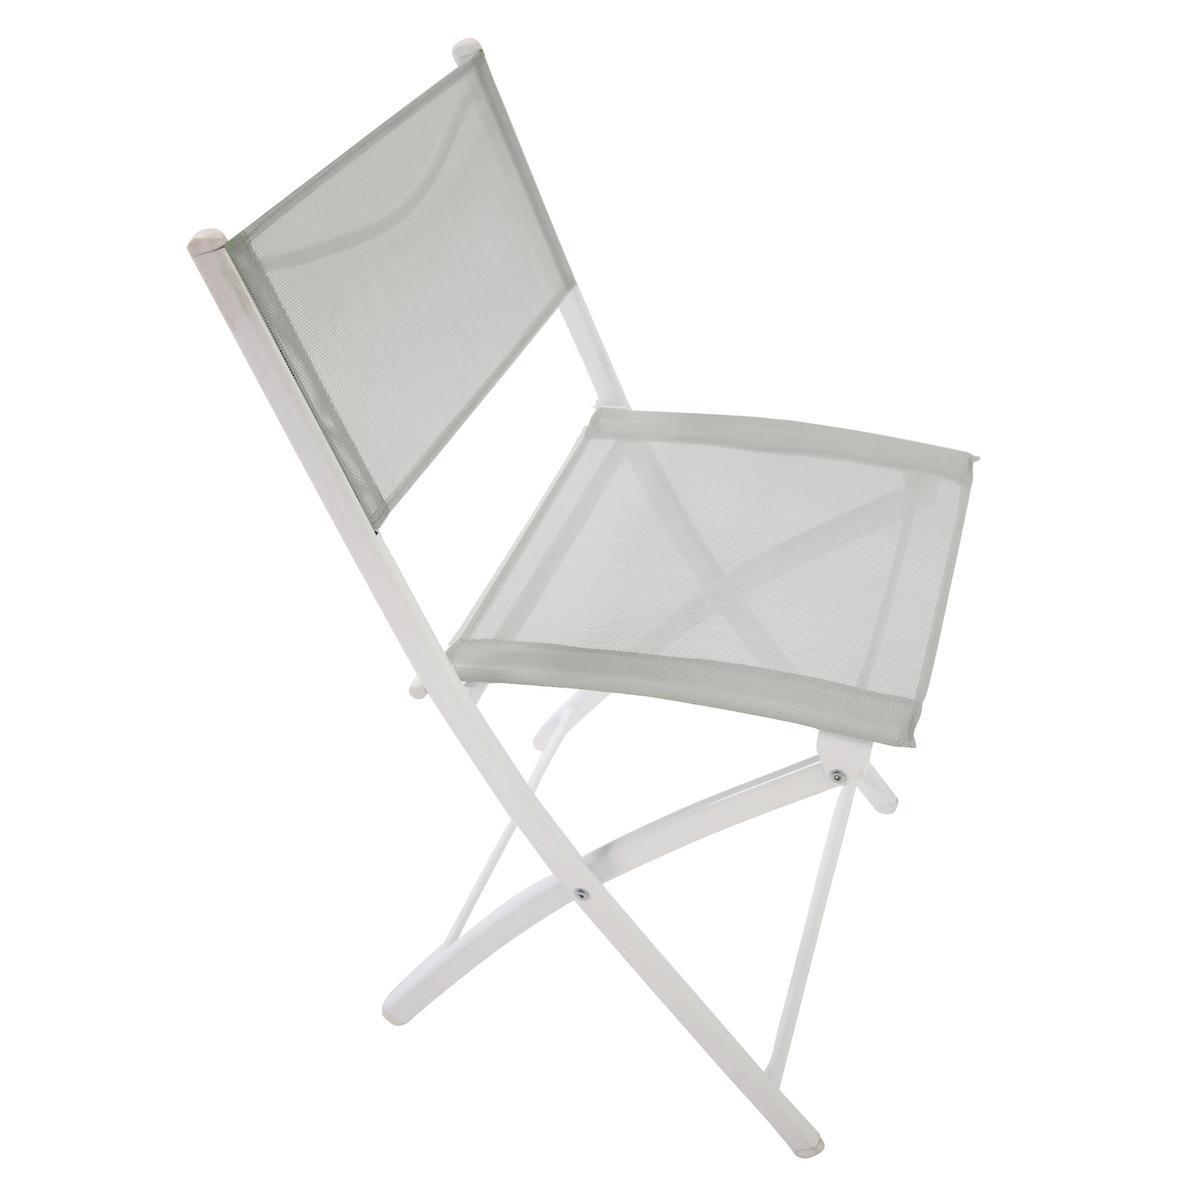 chaise pliante acier textilene